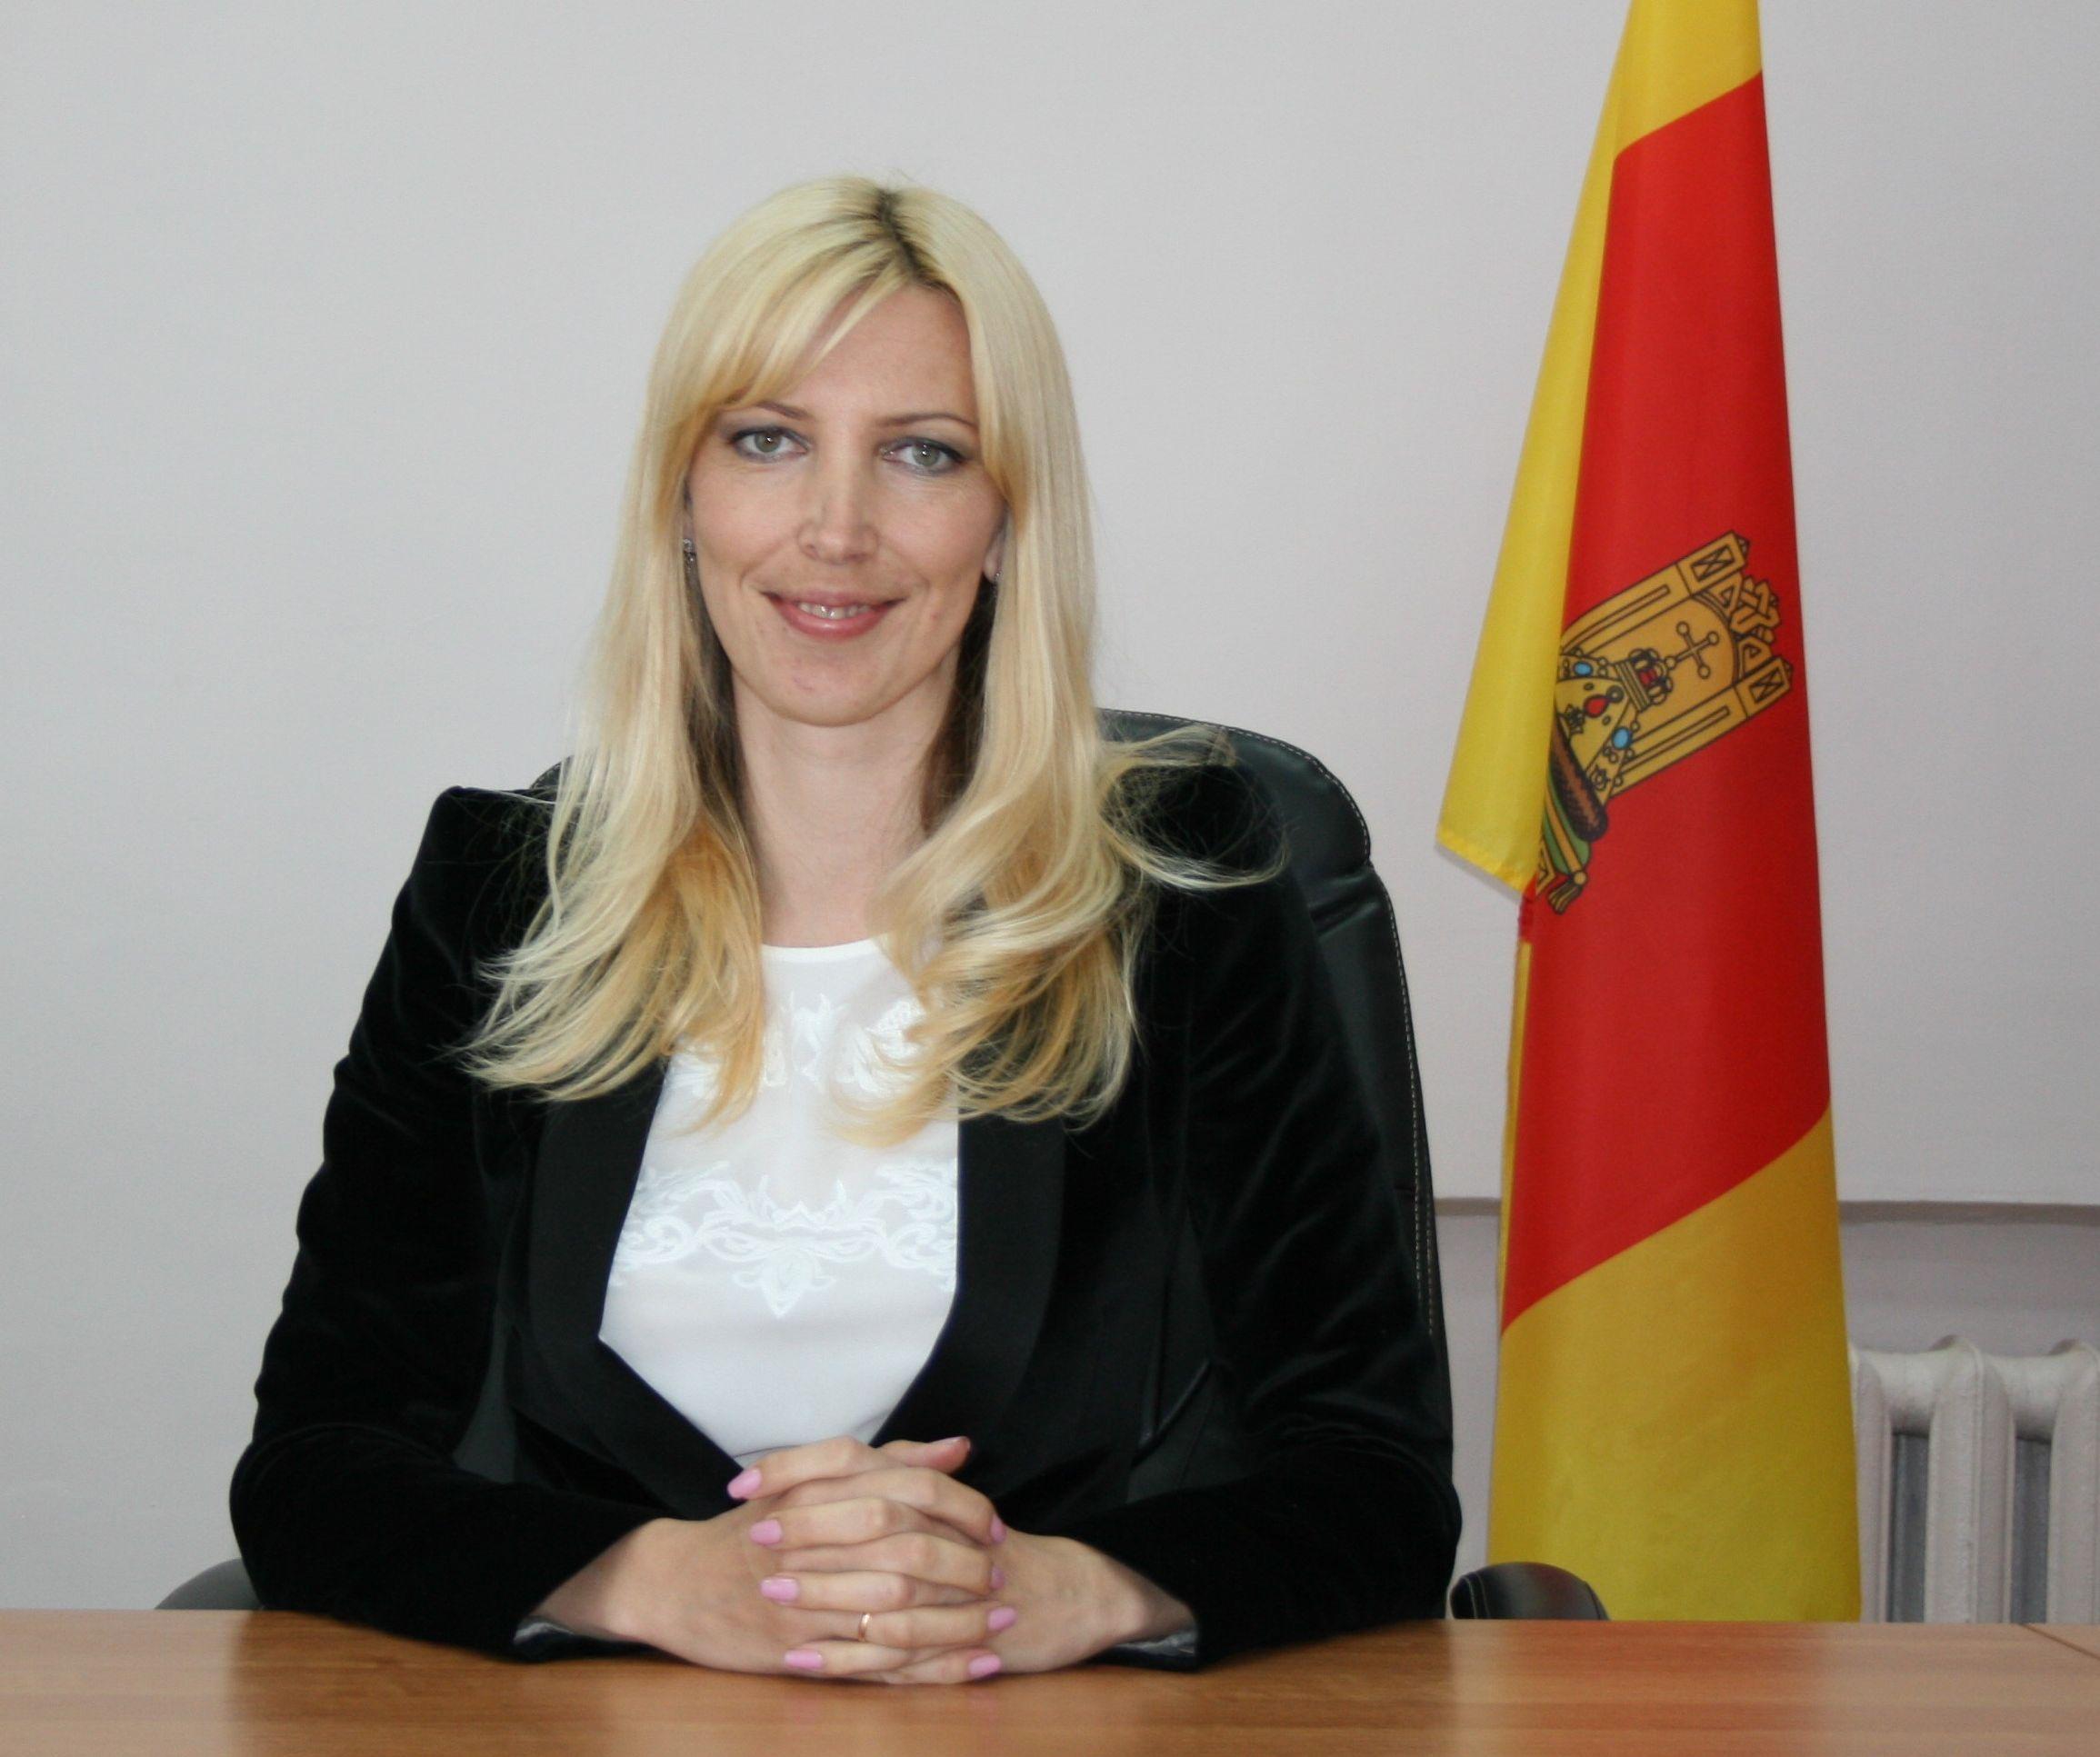 Татьяна Дубова: Каждый новый инвестор - это еще и привлечение новых инвесторов